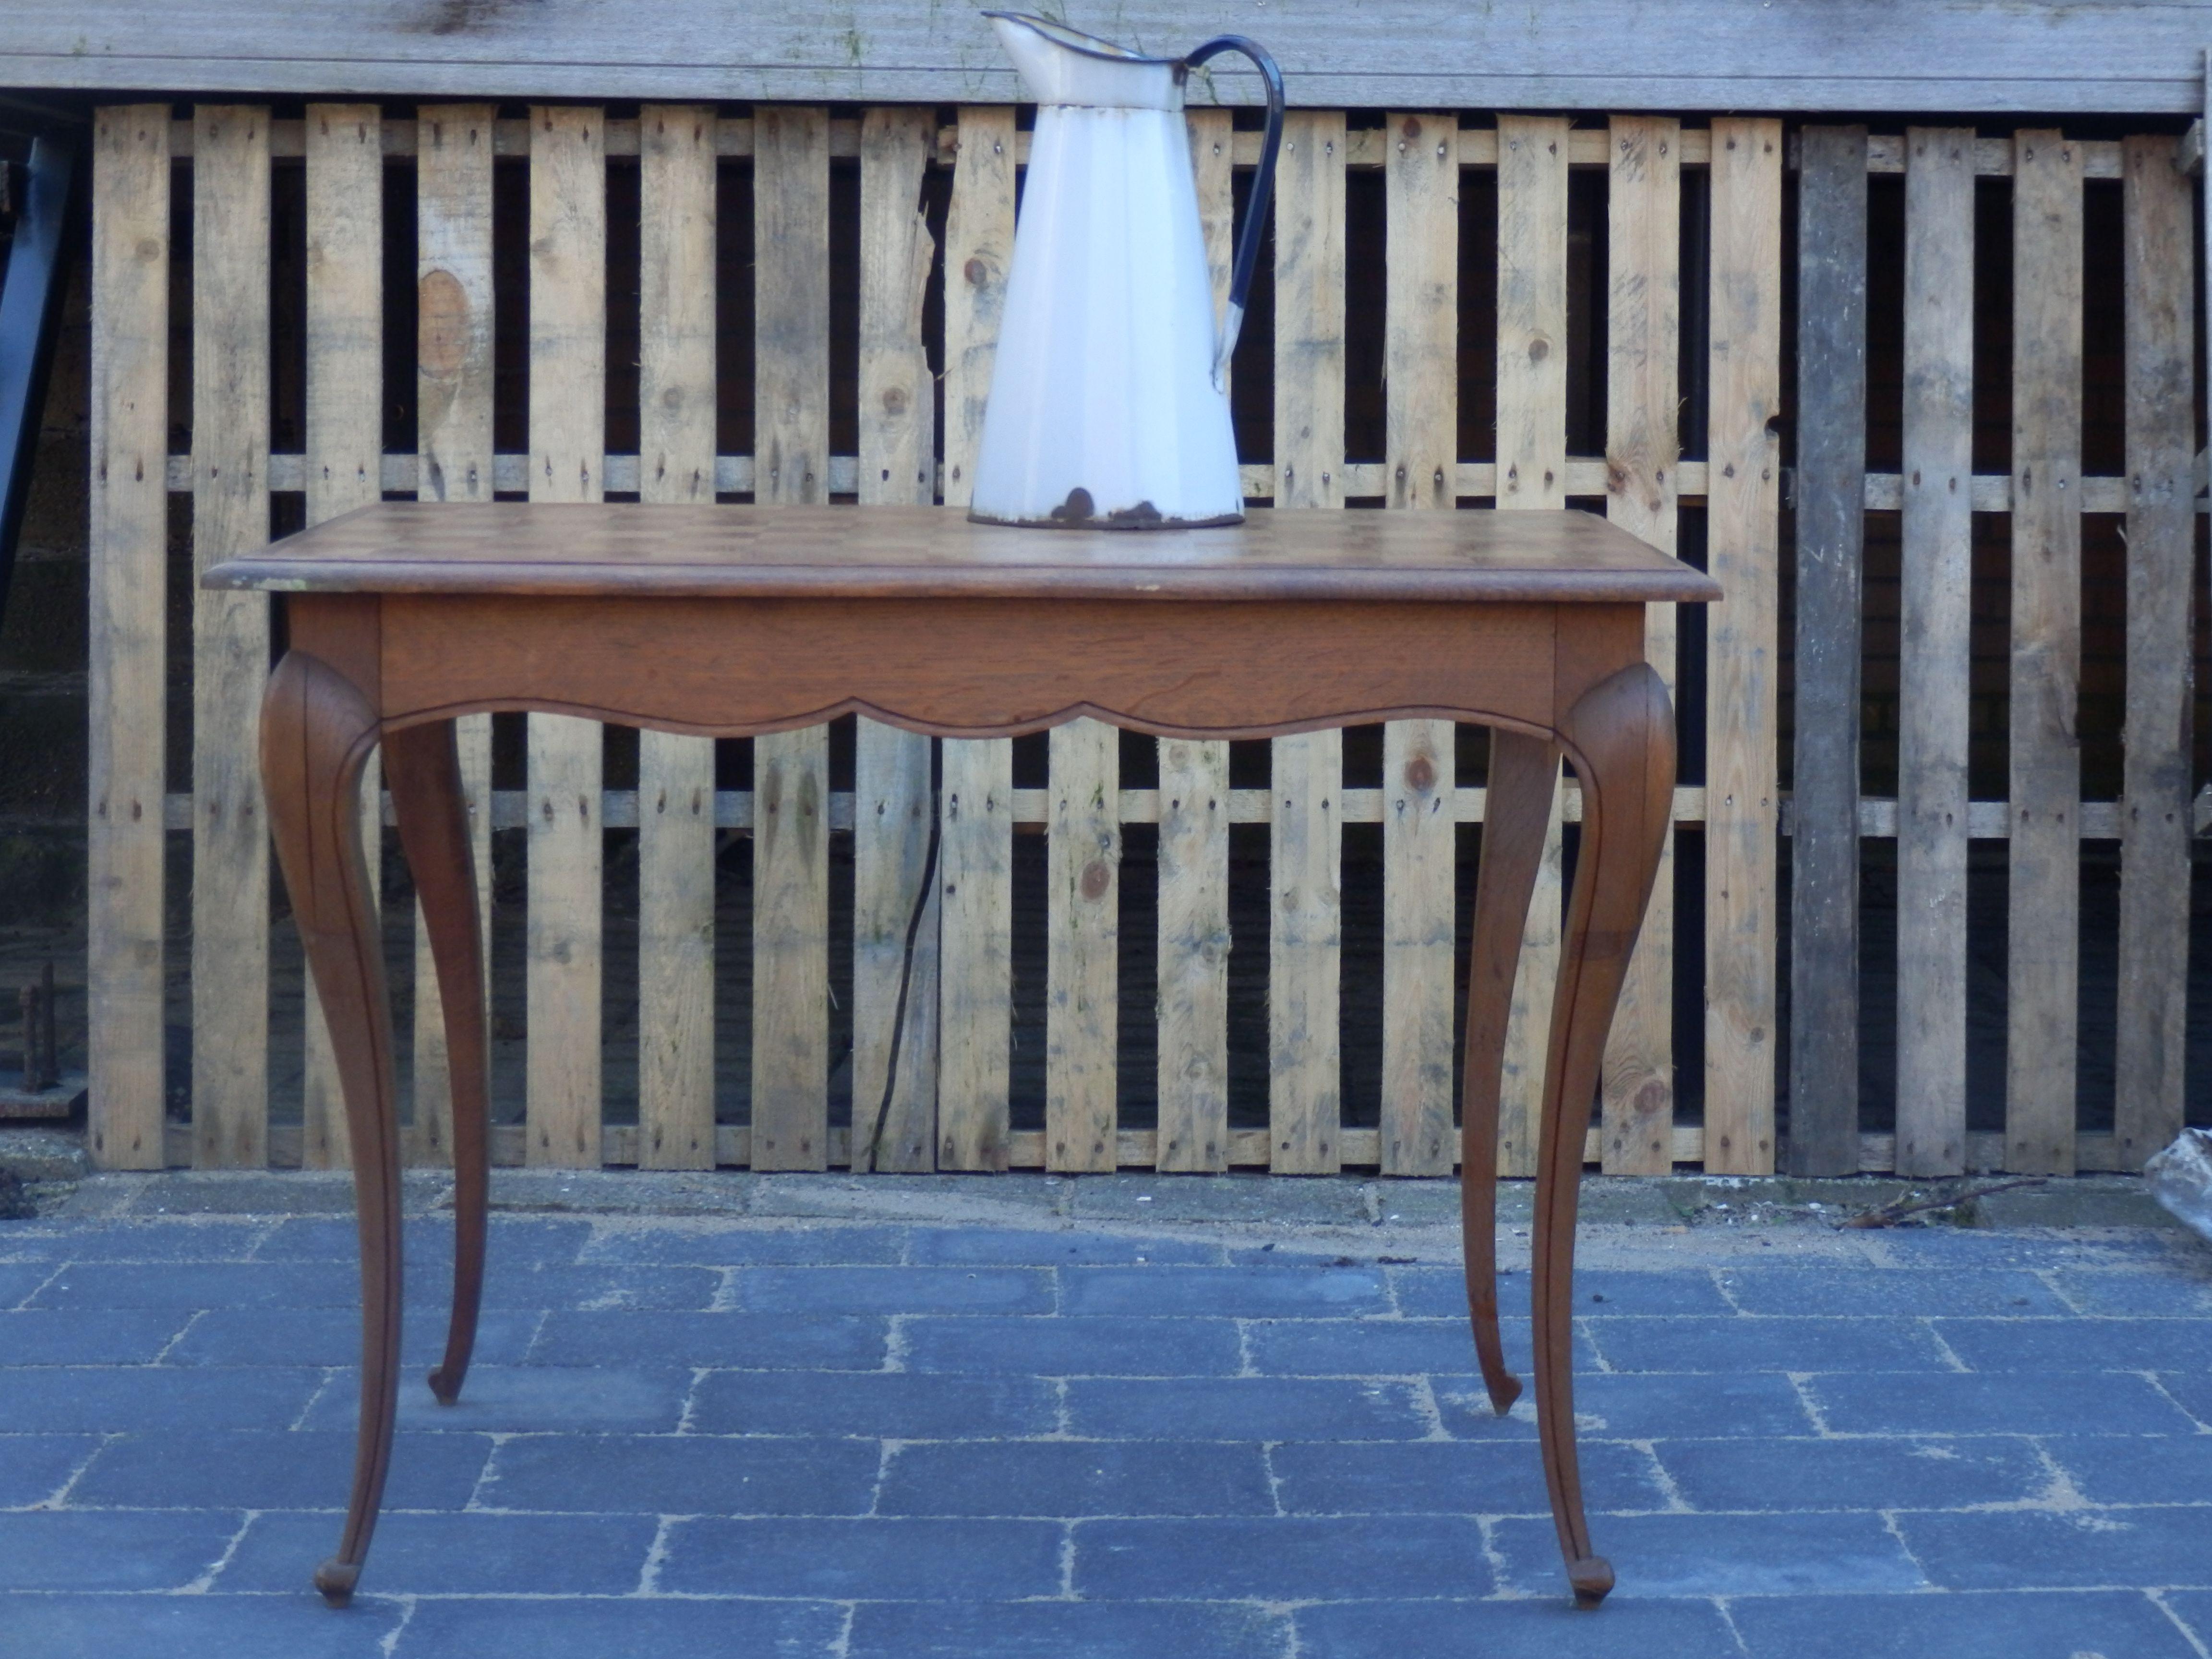 2 Persoons Tafel : Verkocht deze leuke persoons tafel queen anne stijl met